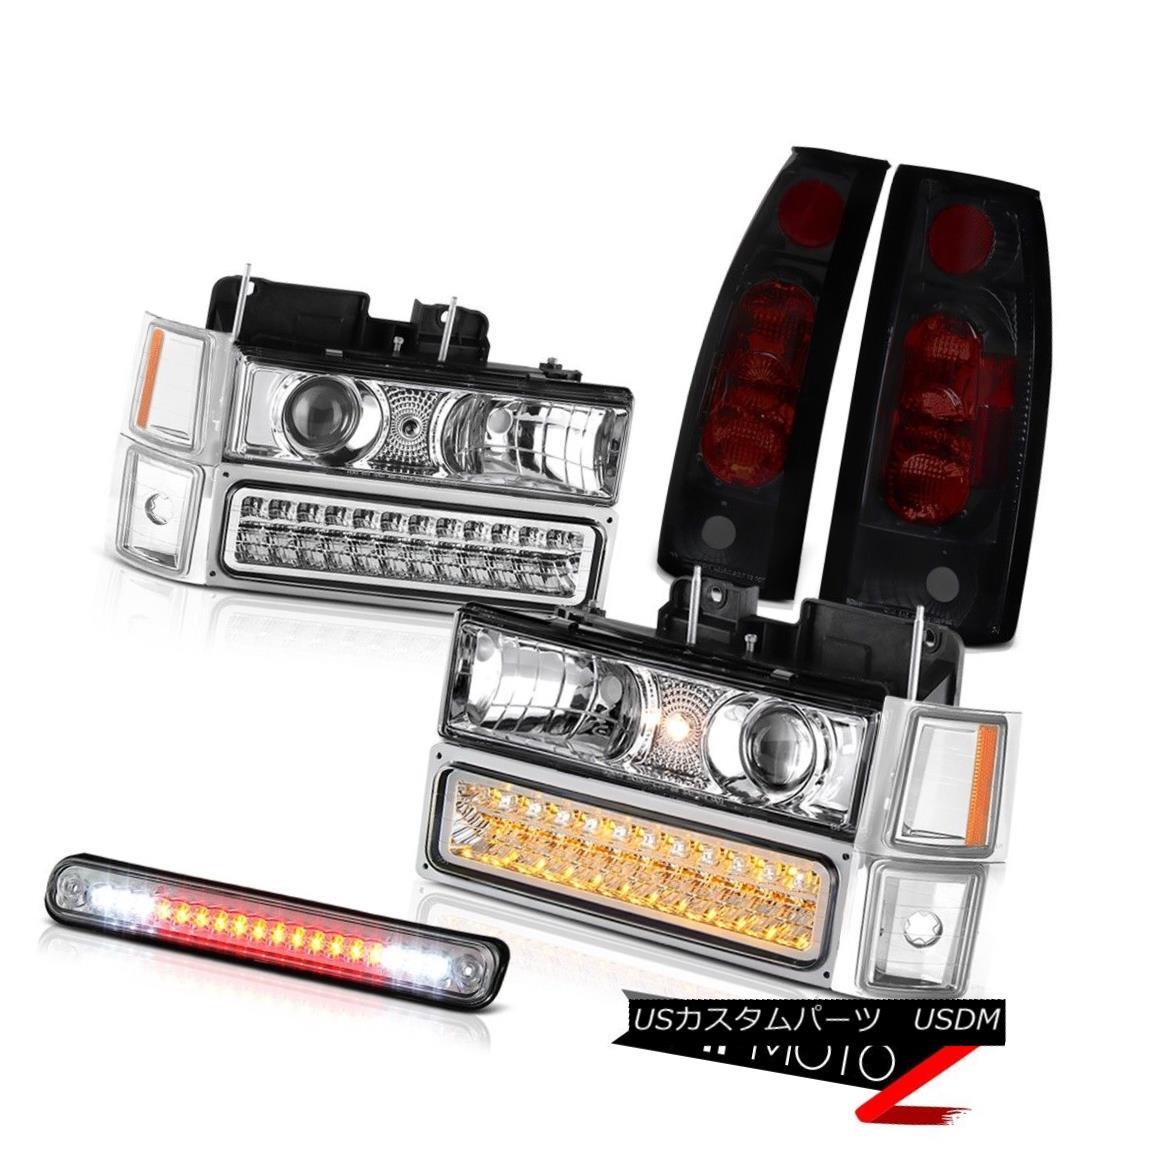 ヘッドライト Headlight Bumper Parking Signal Corner Tail Light 3rd Brake LED 94-98 Cheyenne ヘッドライトバンパー駐車場信号コーナーテールライト第3ブレーキLED 94-98シャイアン